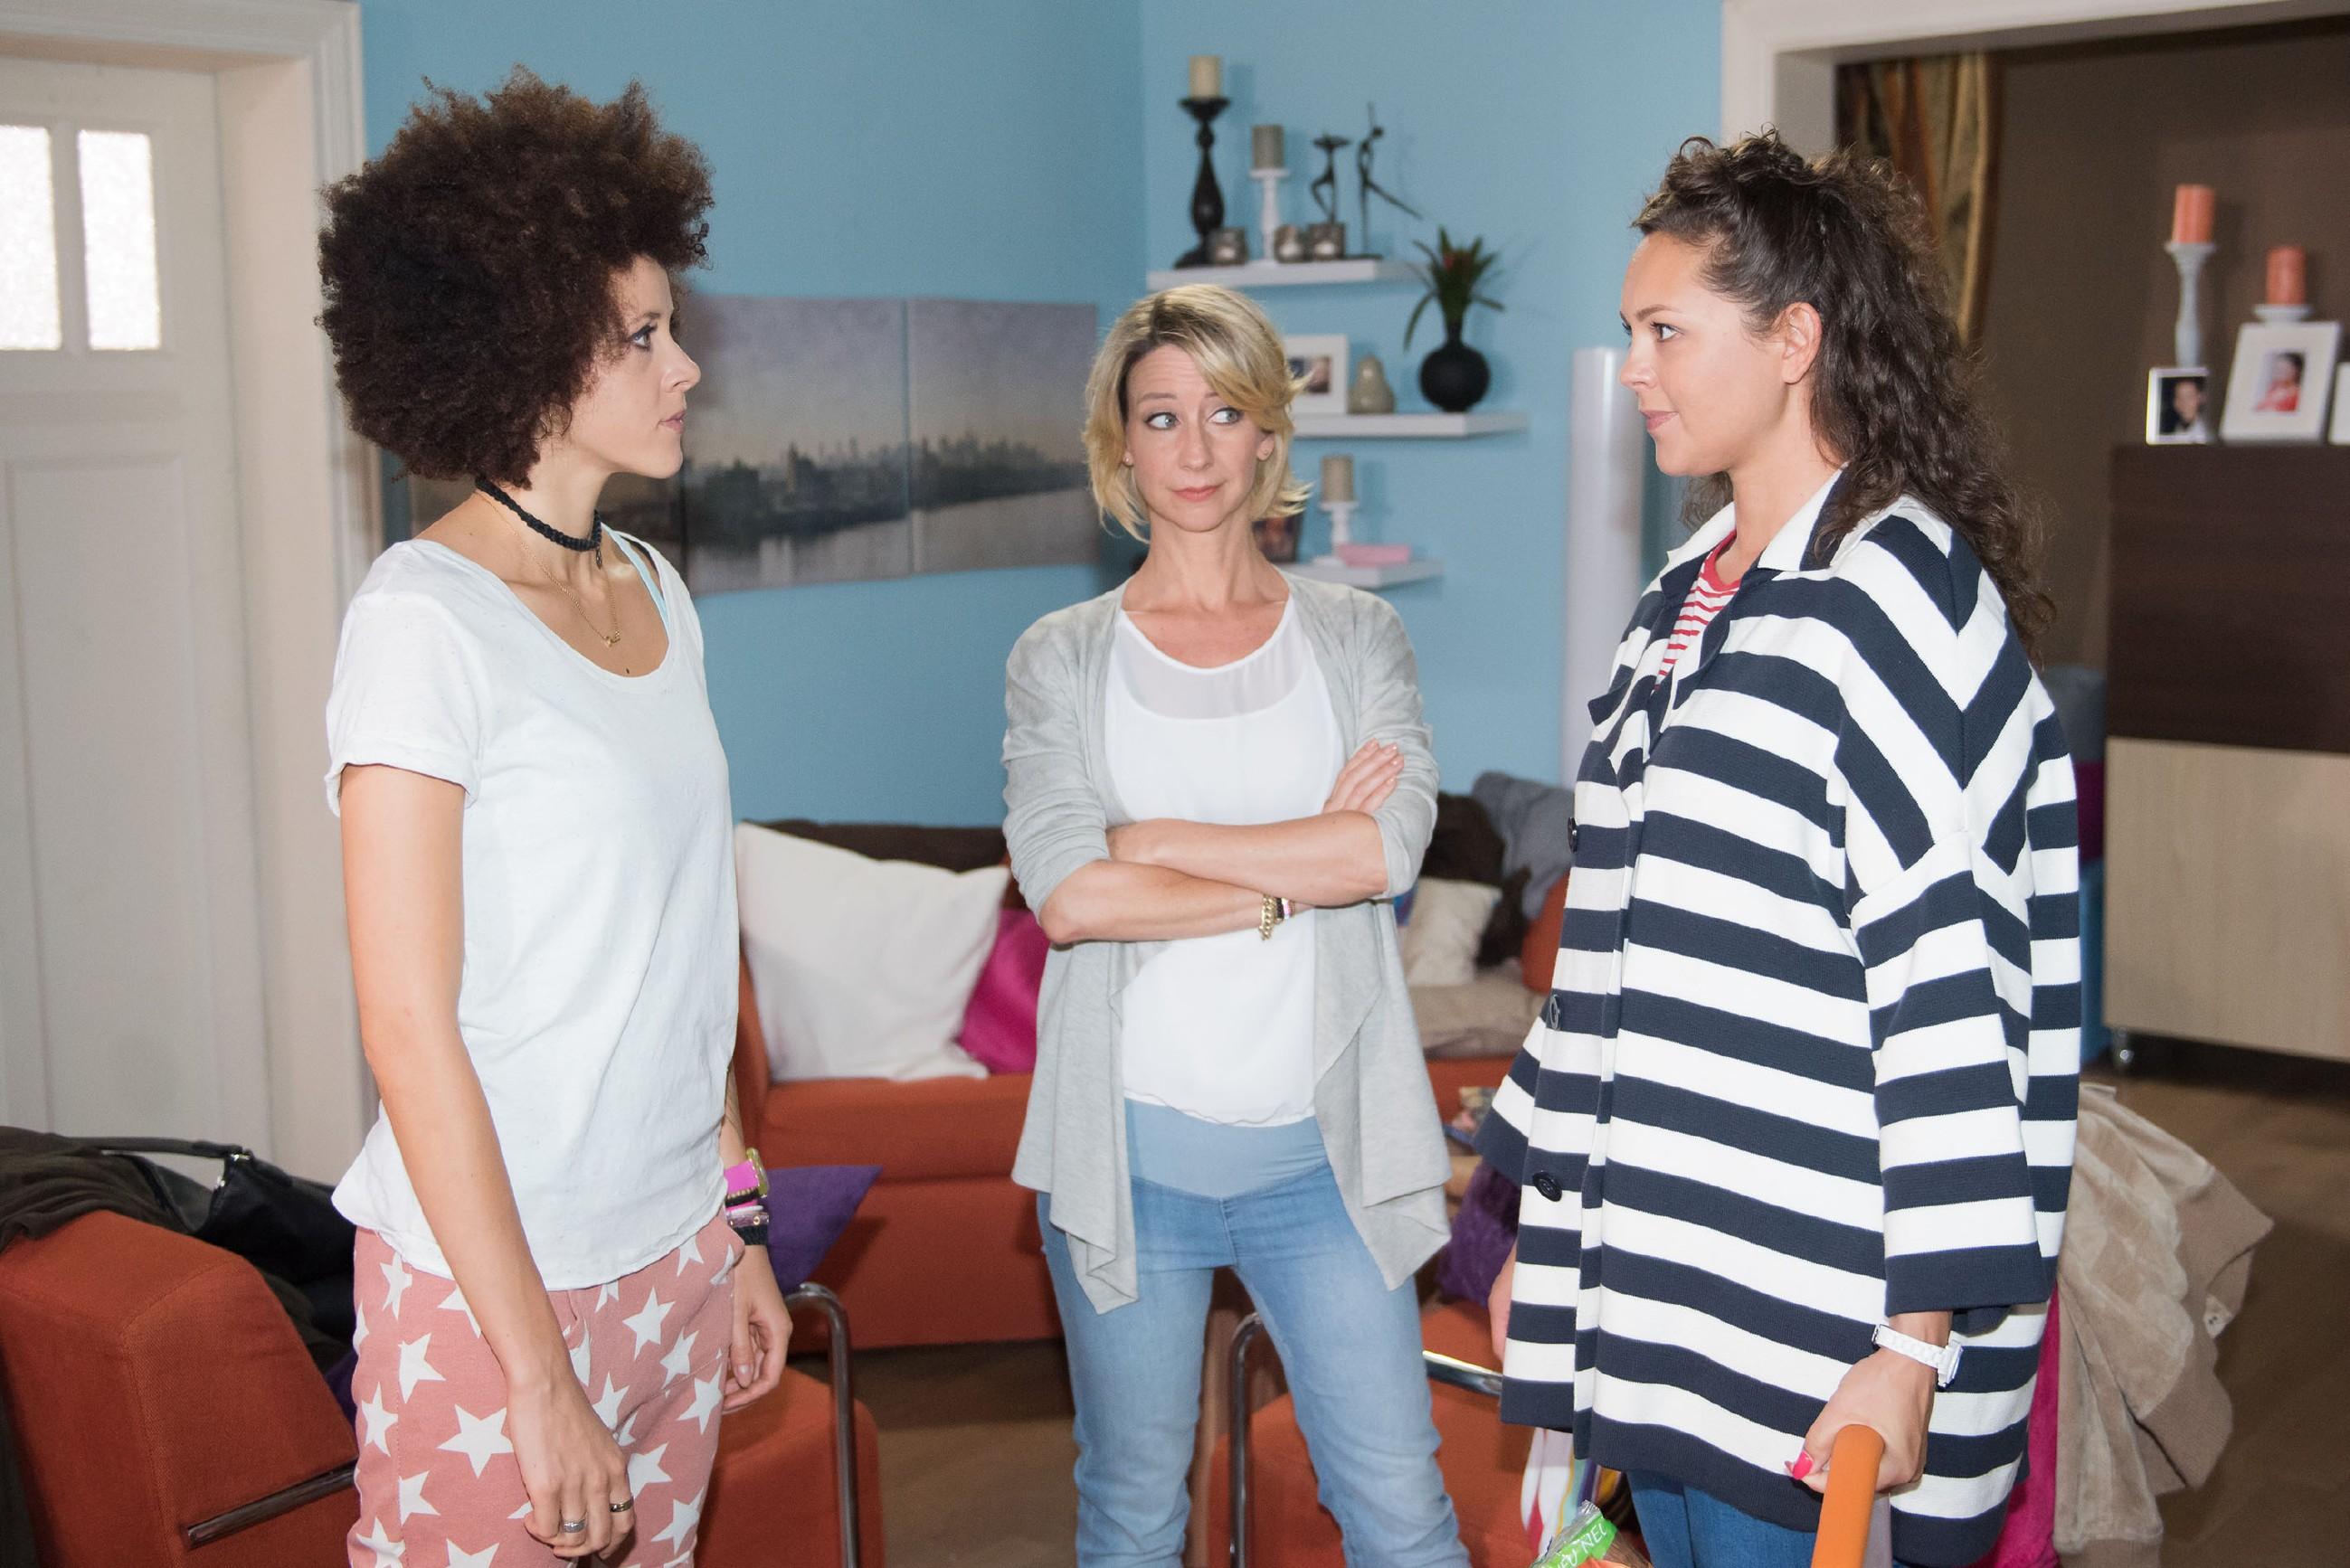 Caro (Ines Kurenbach, r.) trifft im Beisein von Ute (Isabell Hertel, M.) unverhofft auf Micki (Joy Lee Juana Abiola-Müller), die Noch-Ehefrau ihres neuen Freundes.